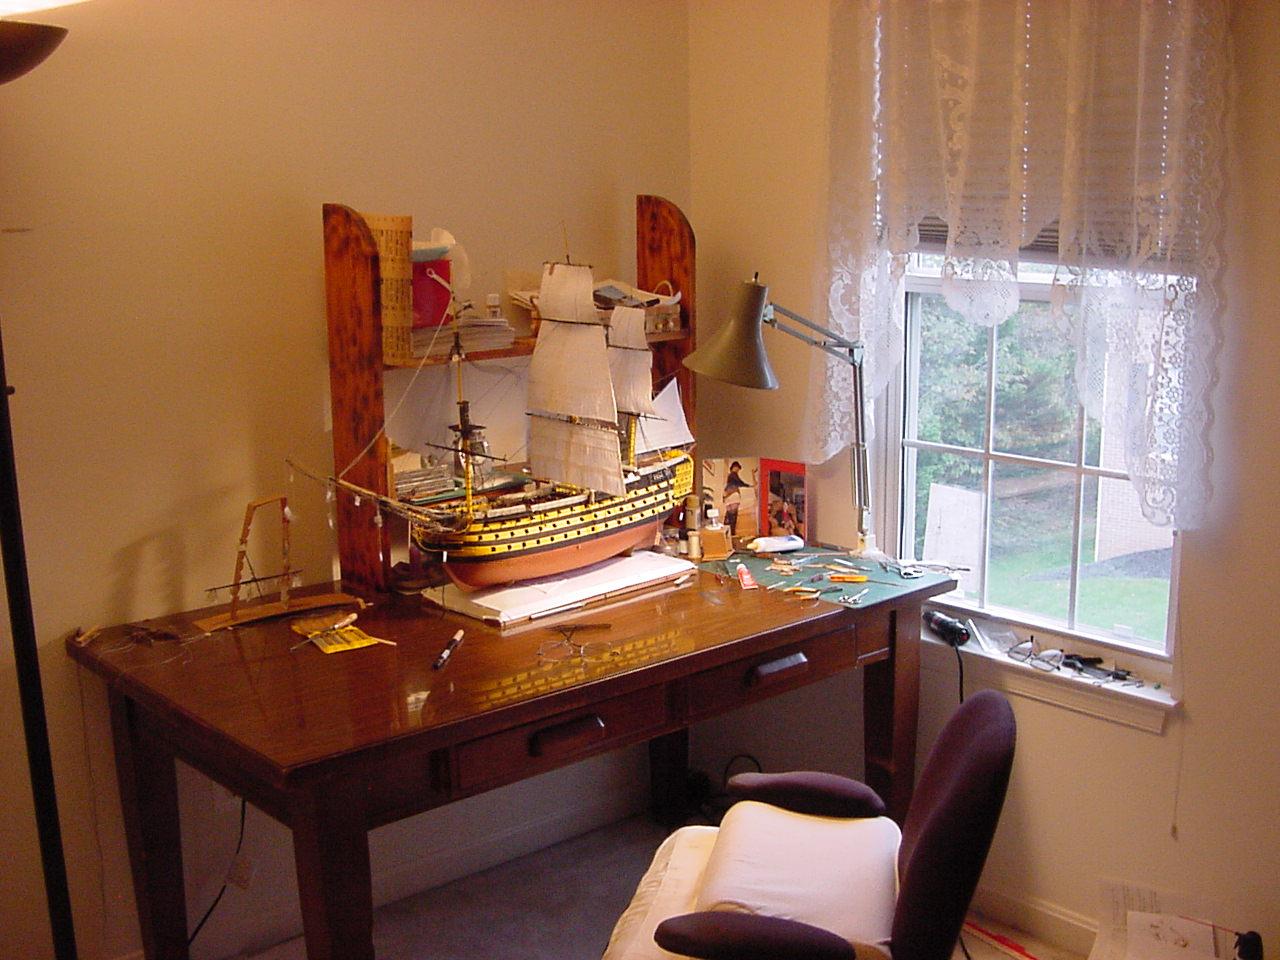 Workroom 2